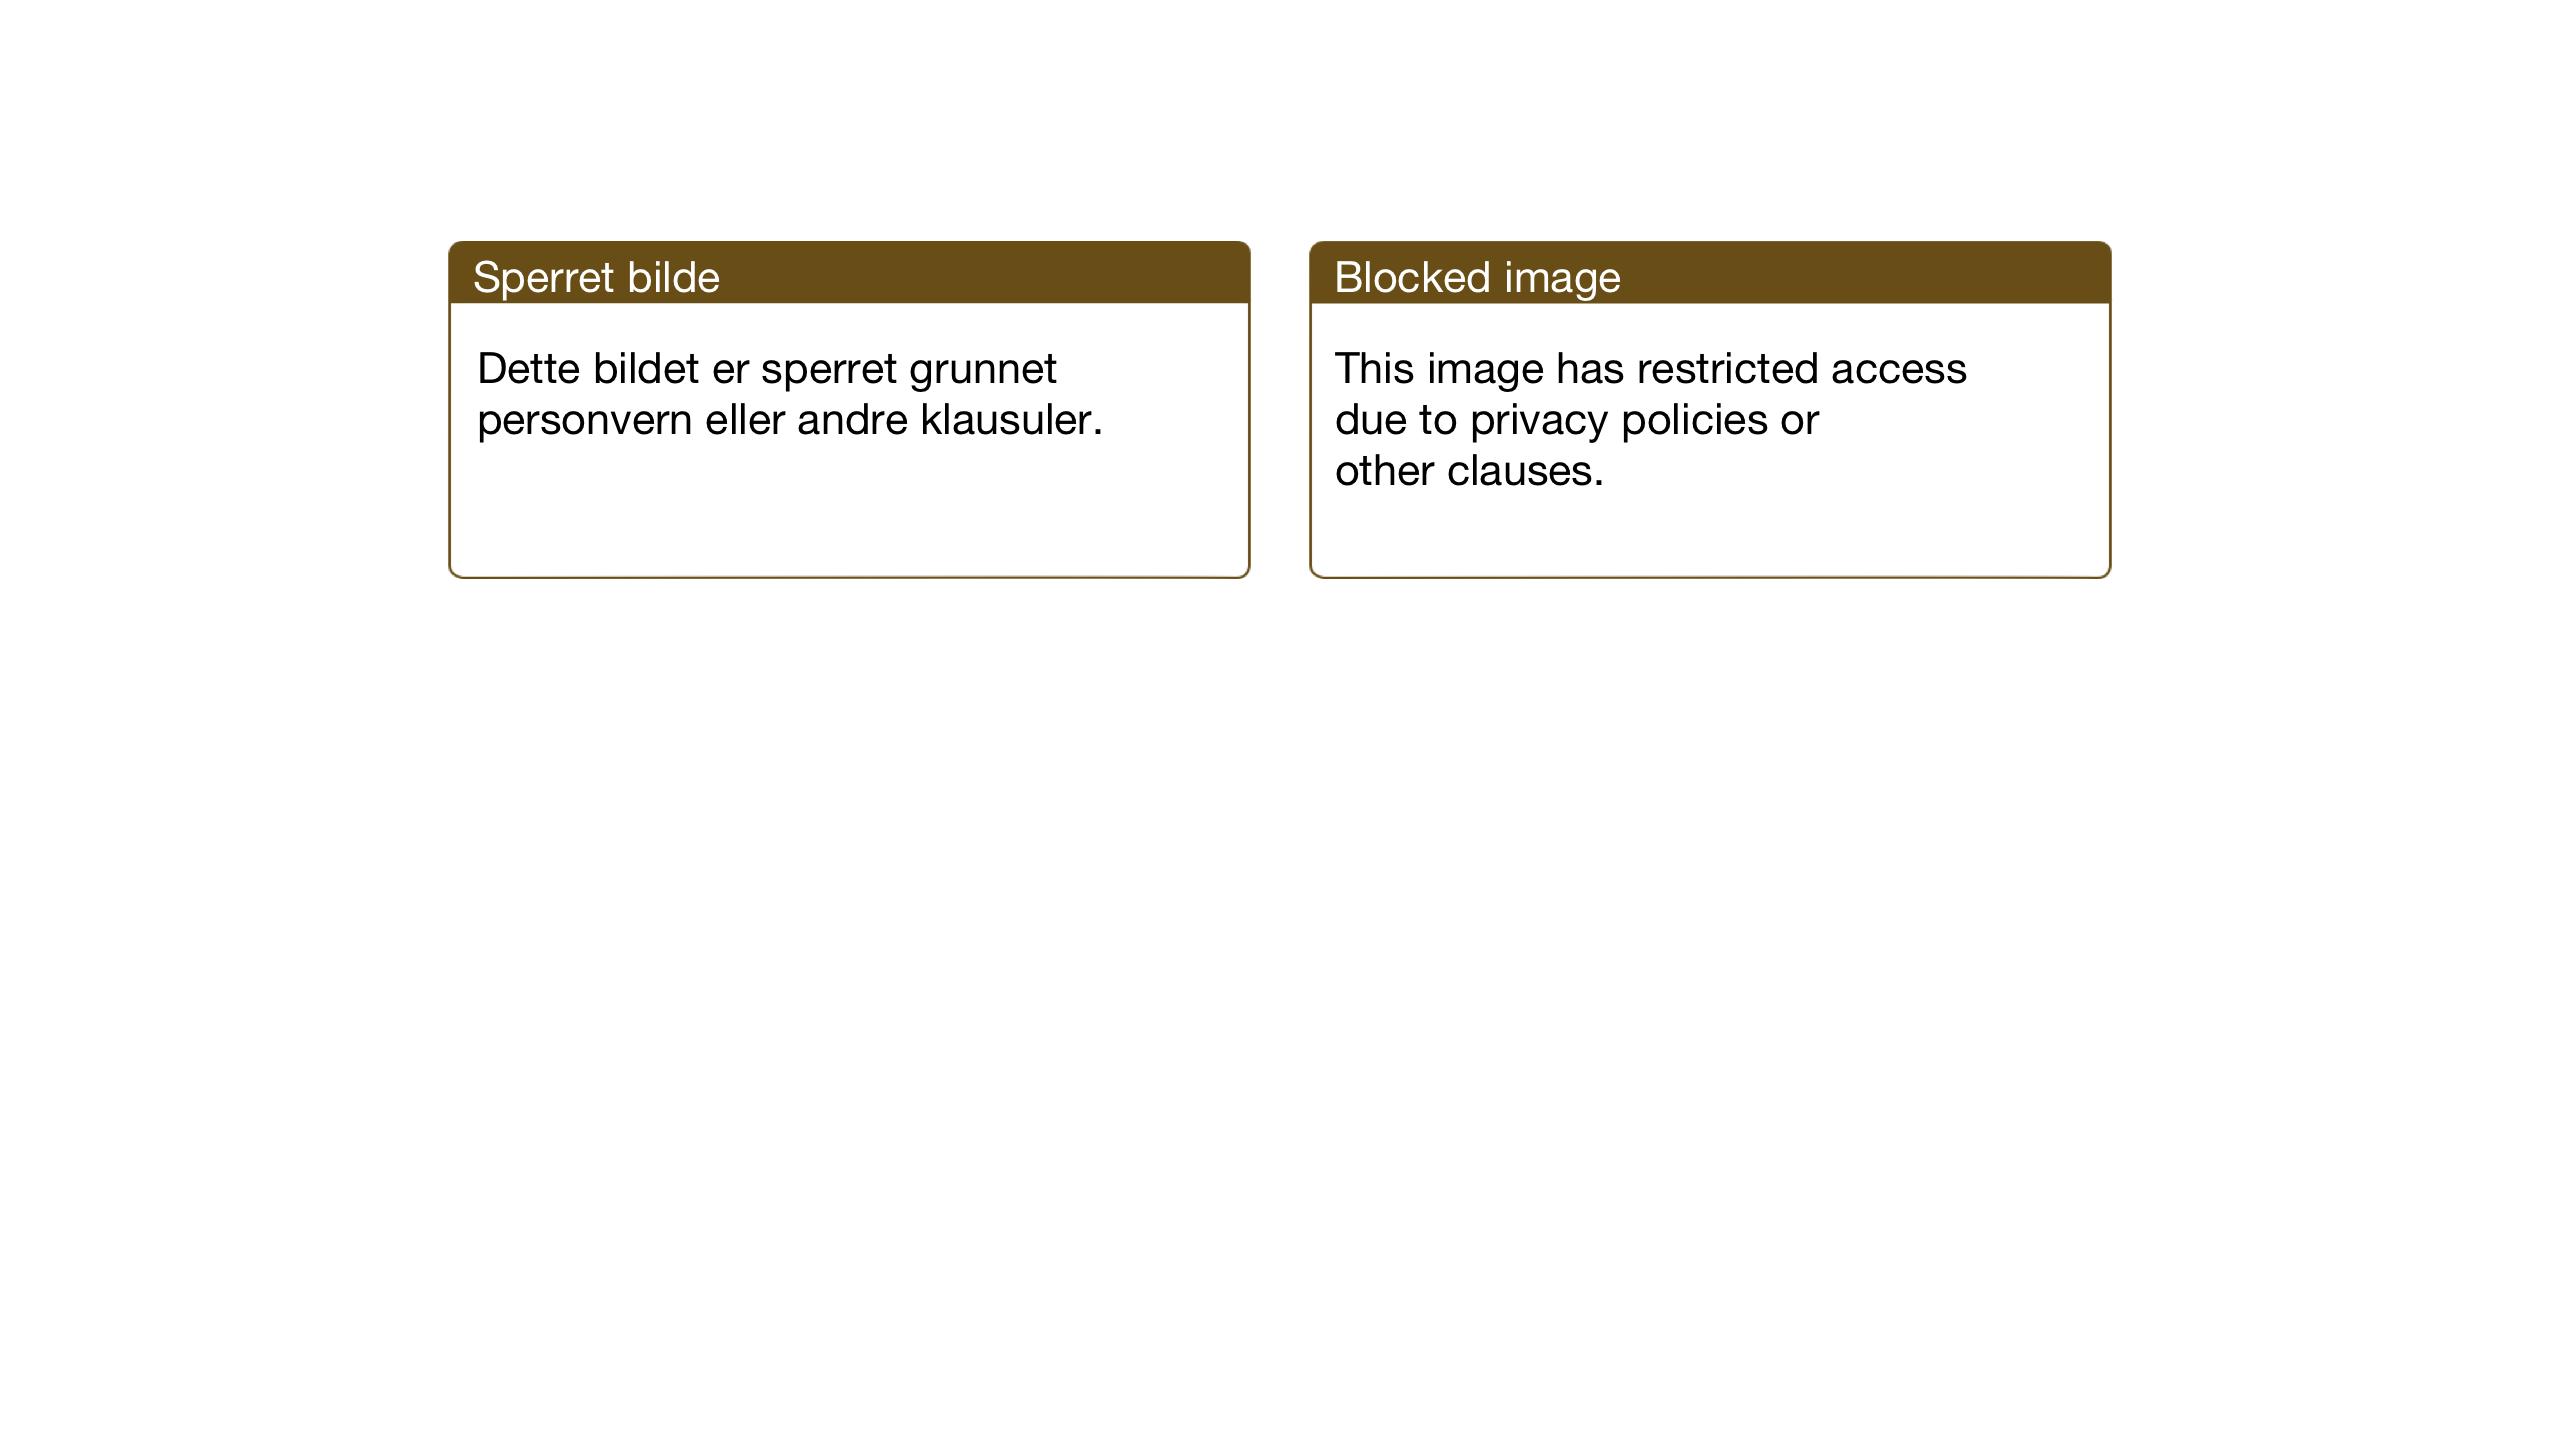 SAT, Ministerialprotokoller, klokkerbøker og fødselsregistre - Nord-Trøndelag, 748/L0465: Klokkerbok nr. 748C01, 1908-1960, s. 32